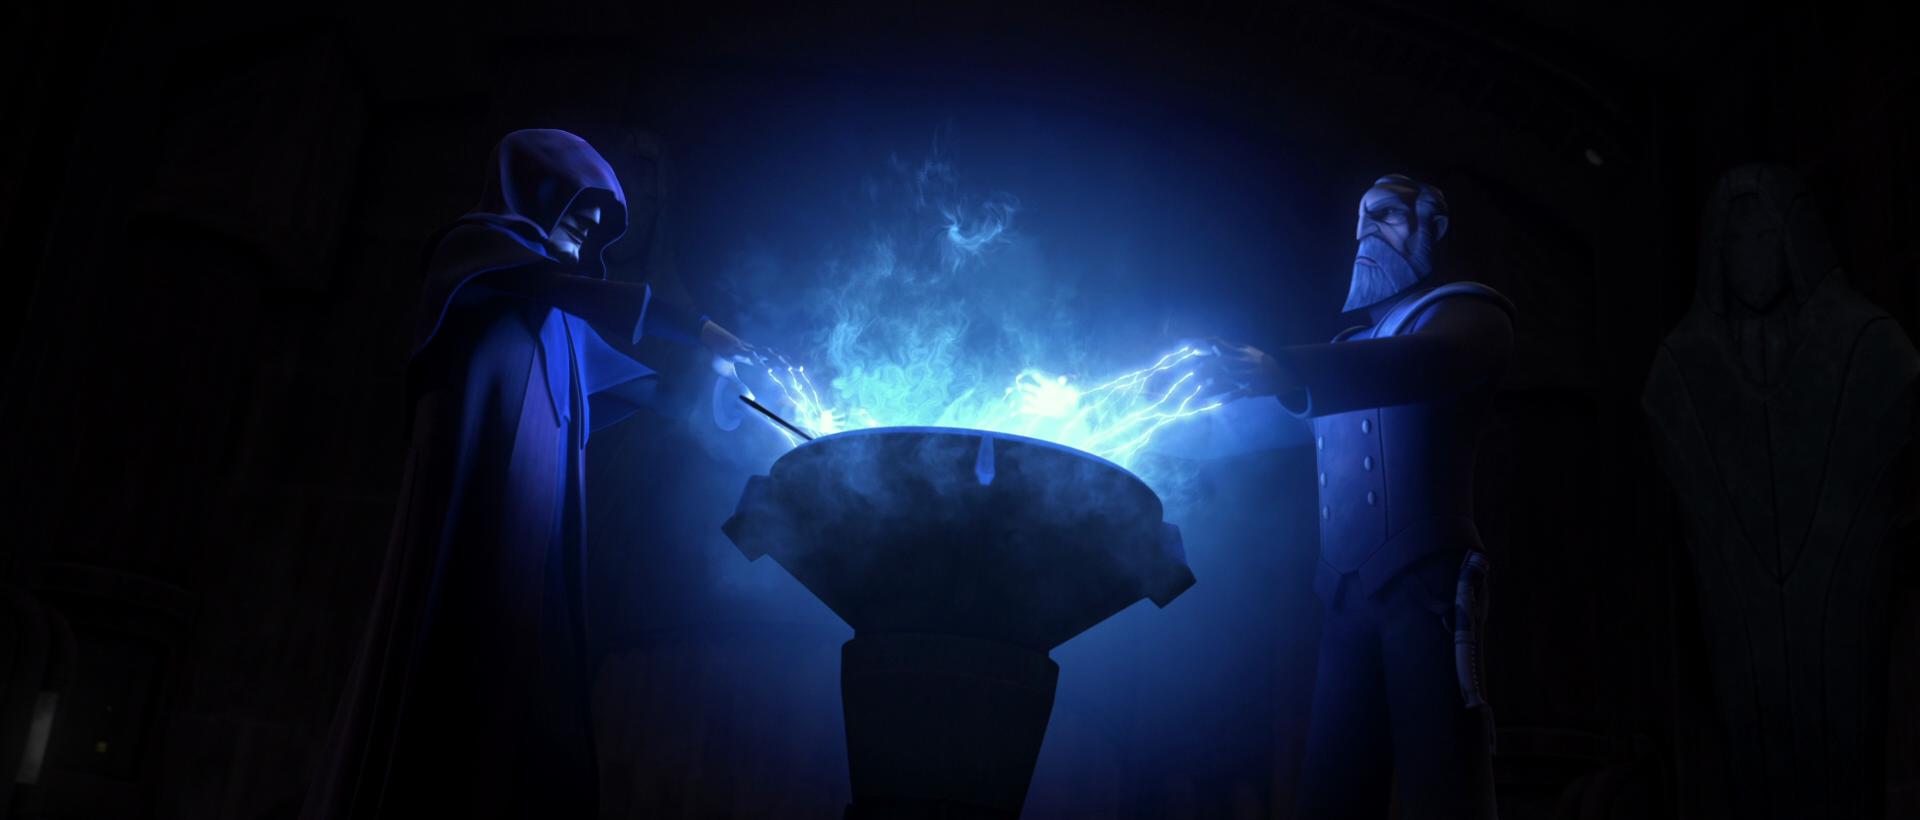 Sith alchemy | Wookieepedia | Fandom